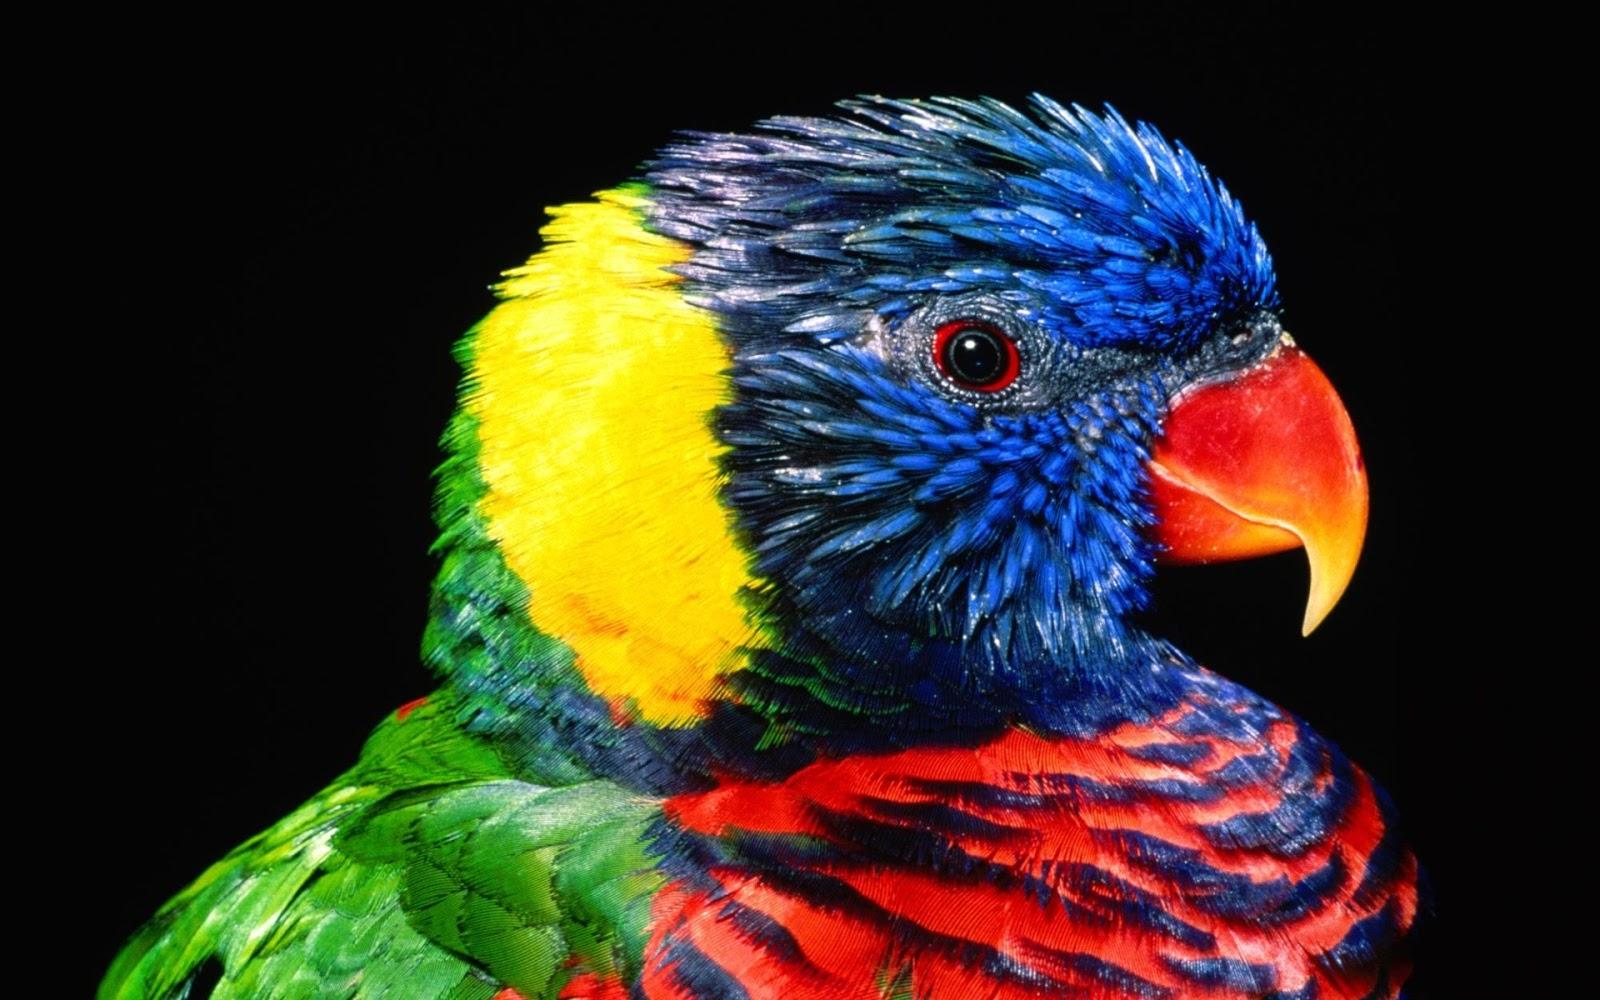 http://1.bp.blogspot.com/-H3jyqyXuzC8/UOLz0QCdGWI/AAAAAAAACVQ/rba1VTwSMX8/s1600/Parrots+bird+(Files+Gallery)+(5).jpg